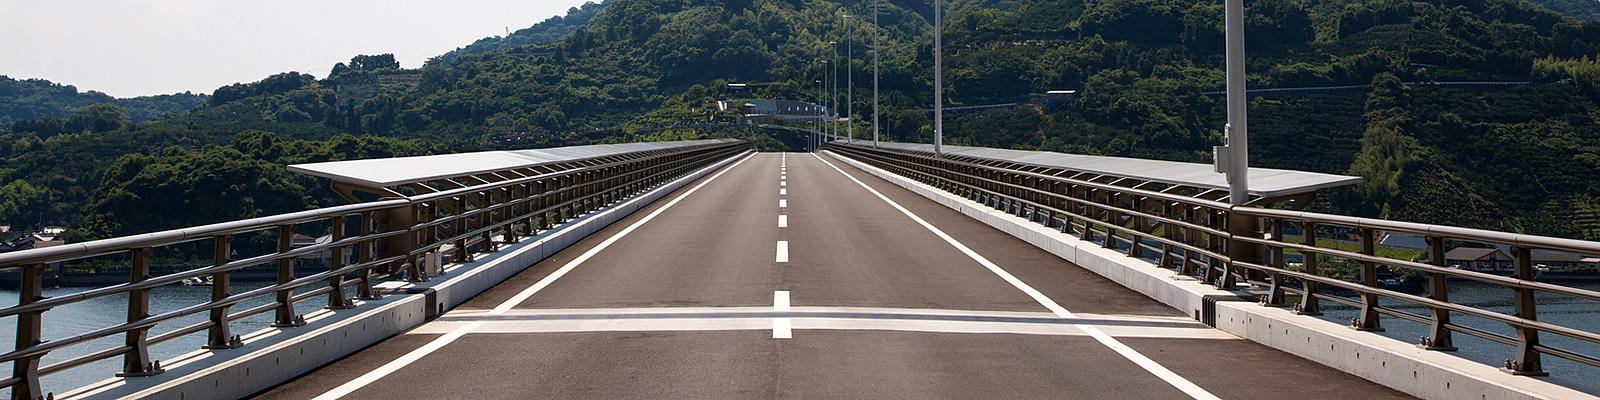 道路 イメージ